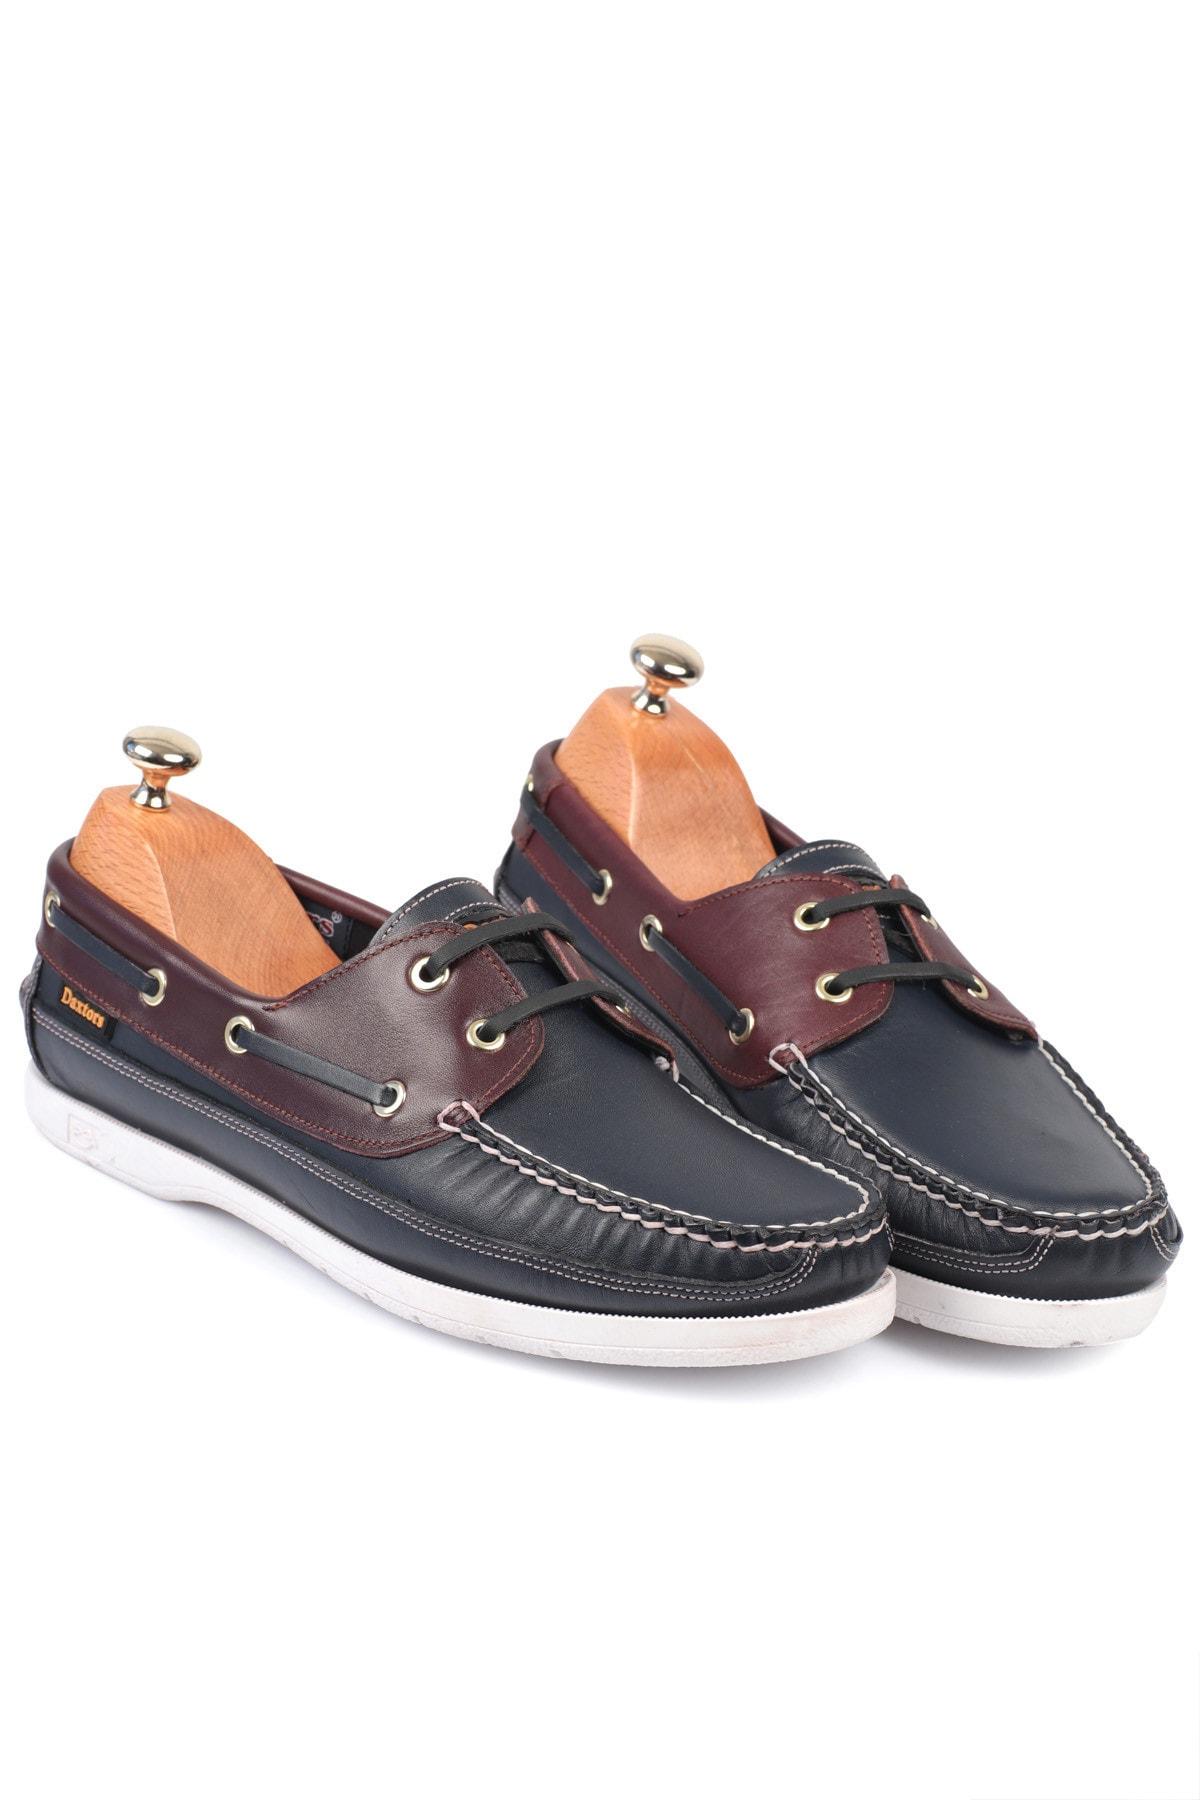 Daxtors D815 Günlük Klasik Hakiki Deri Baba Ayakkabısı 1